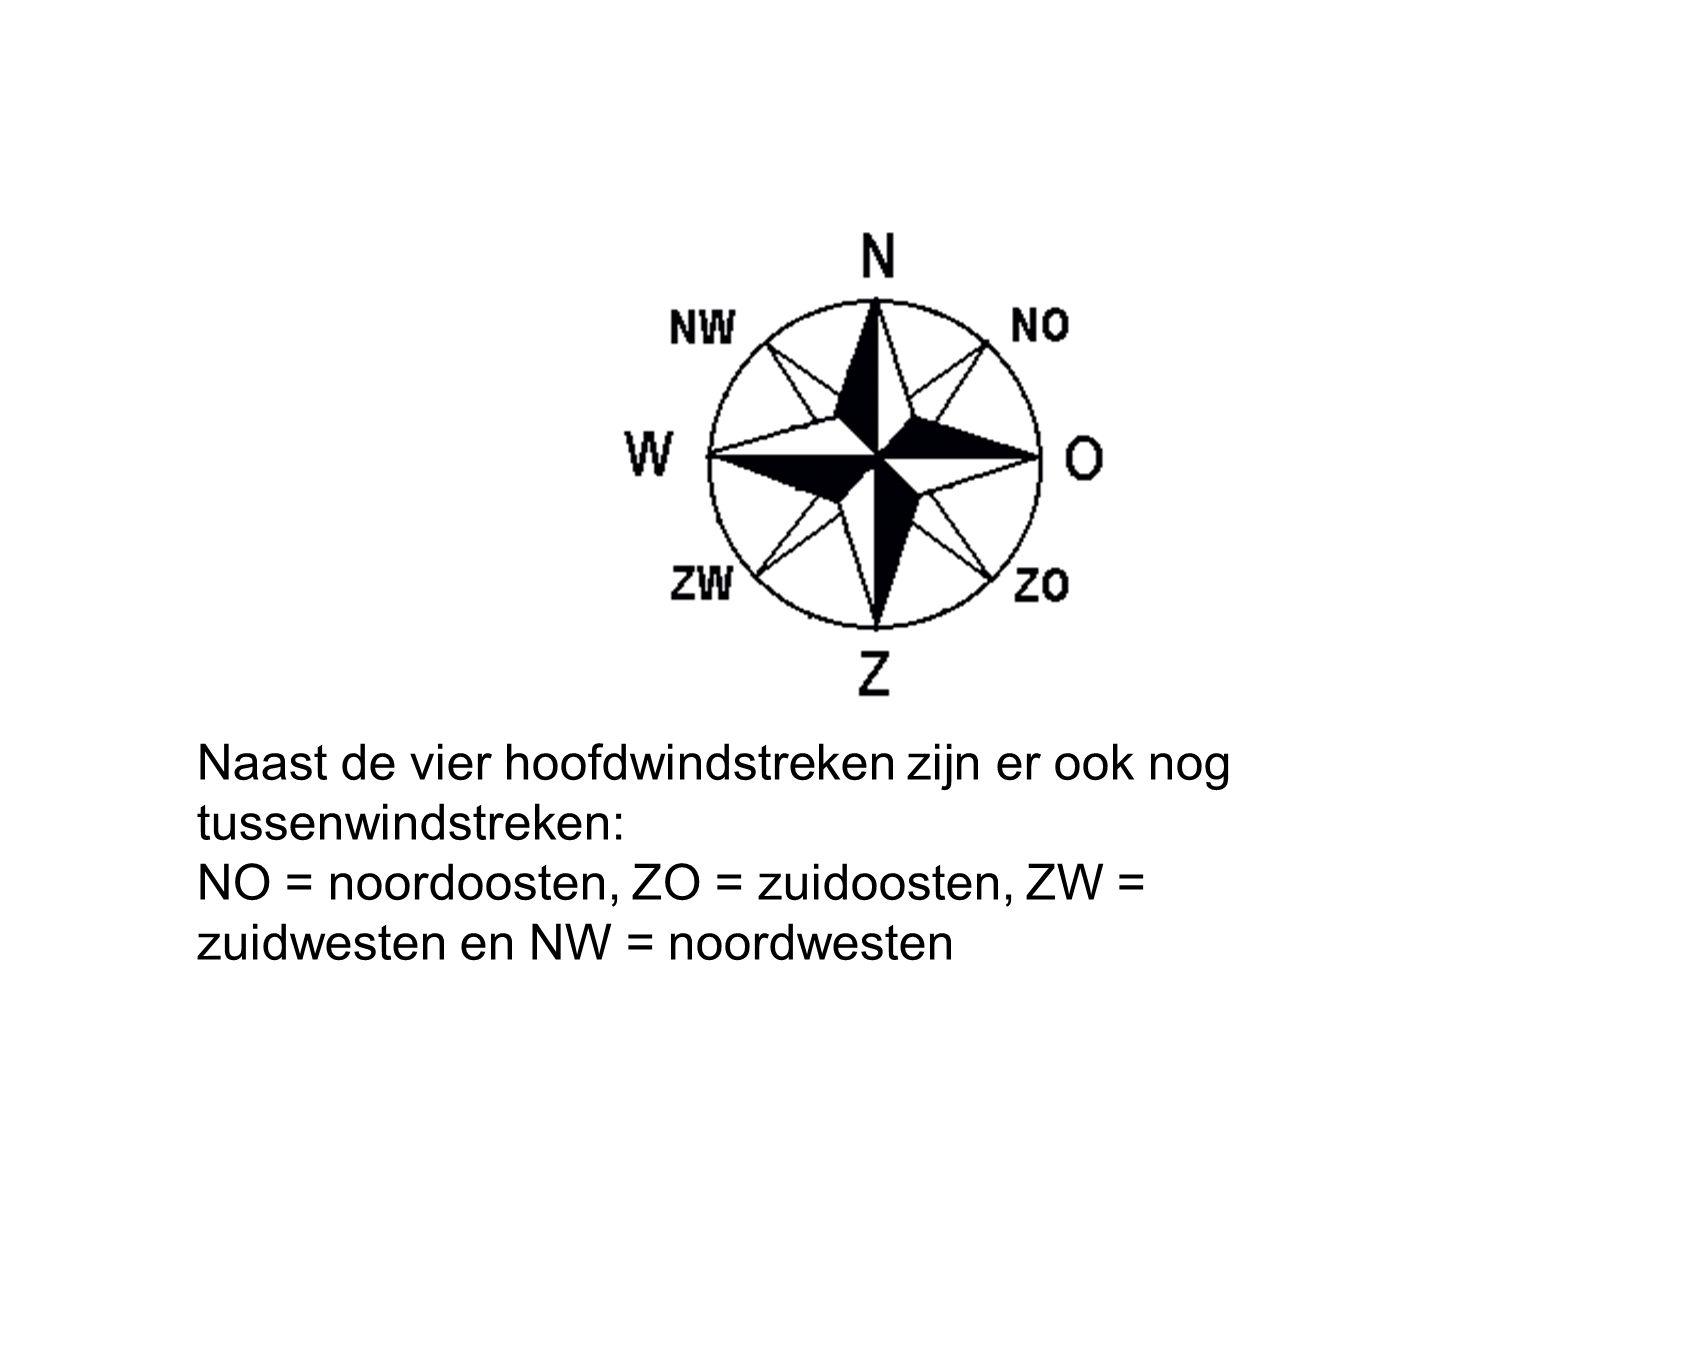 Naast de vier hoofdwindstreken zijn er ook nog tussenwindstreken: NO = noordoosten, ZO = zuidoosten, ZW = zuidwesten en NW = noordwesten